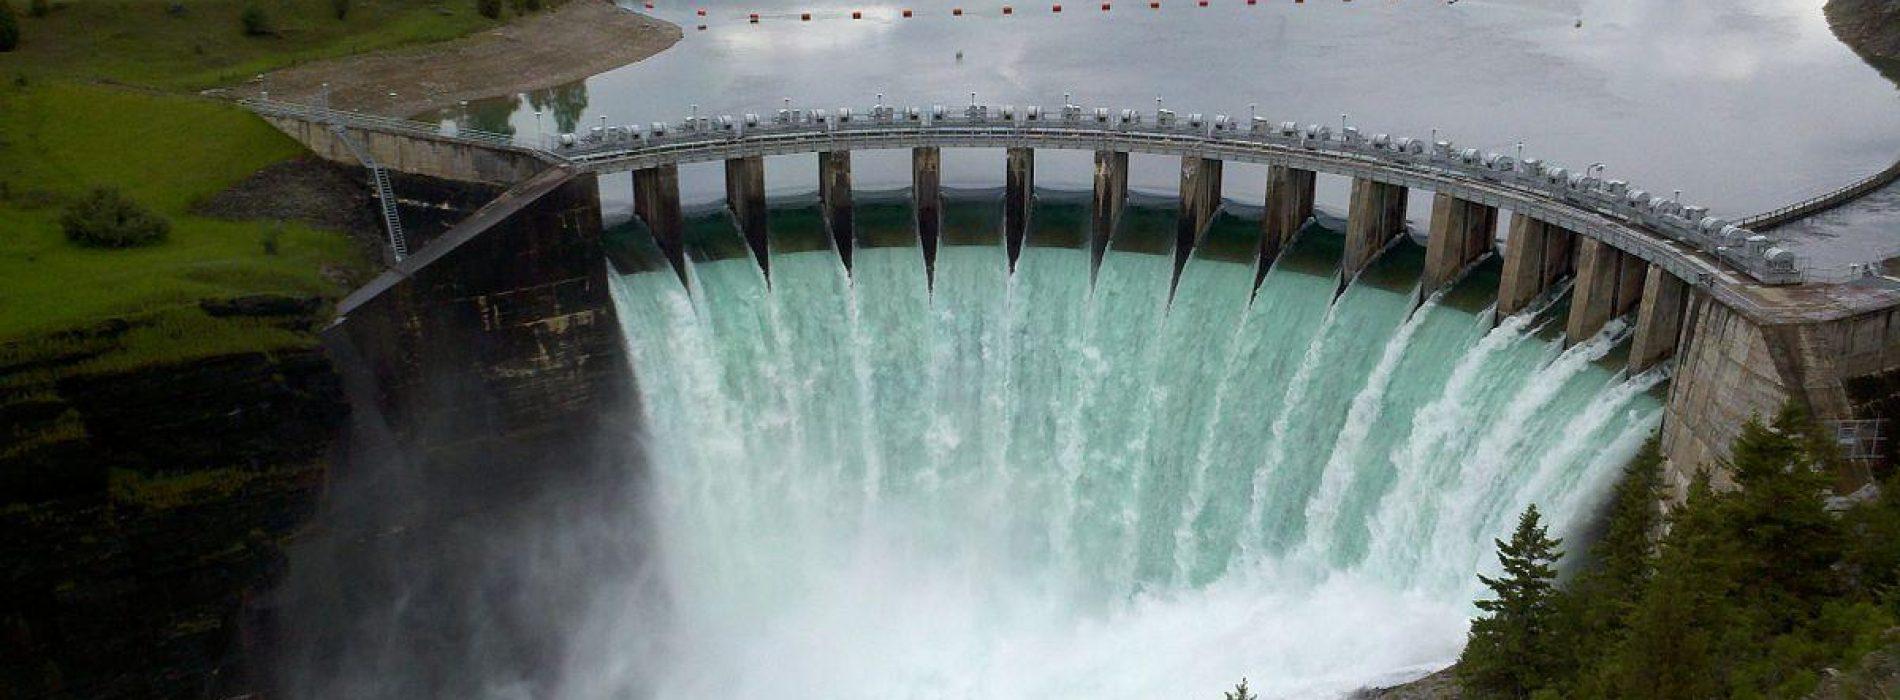 Sierra Leone: La diga di Bumbuna verso il closign finanziario